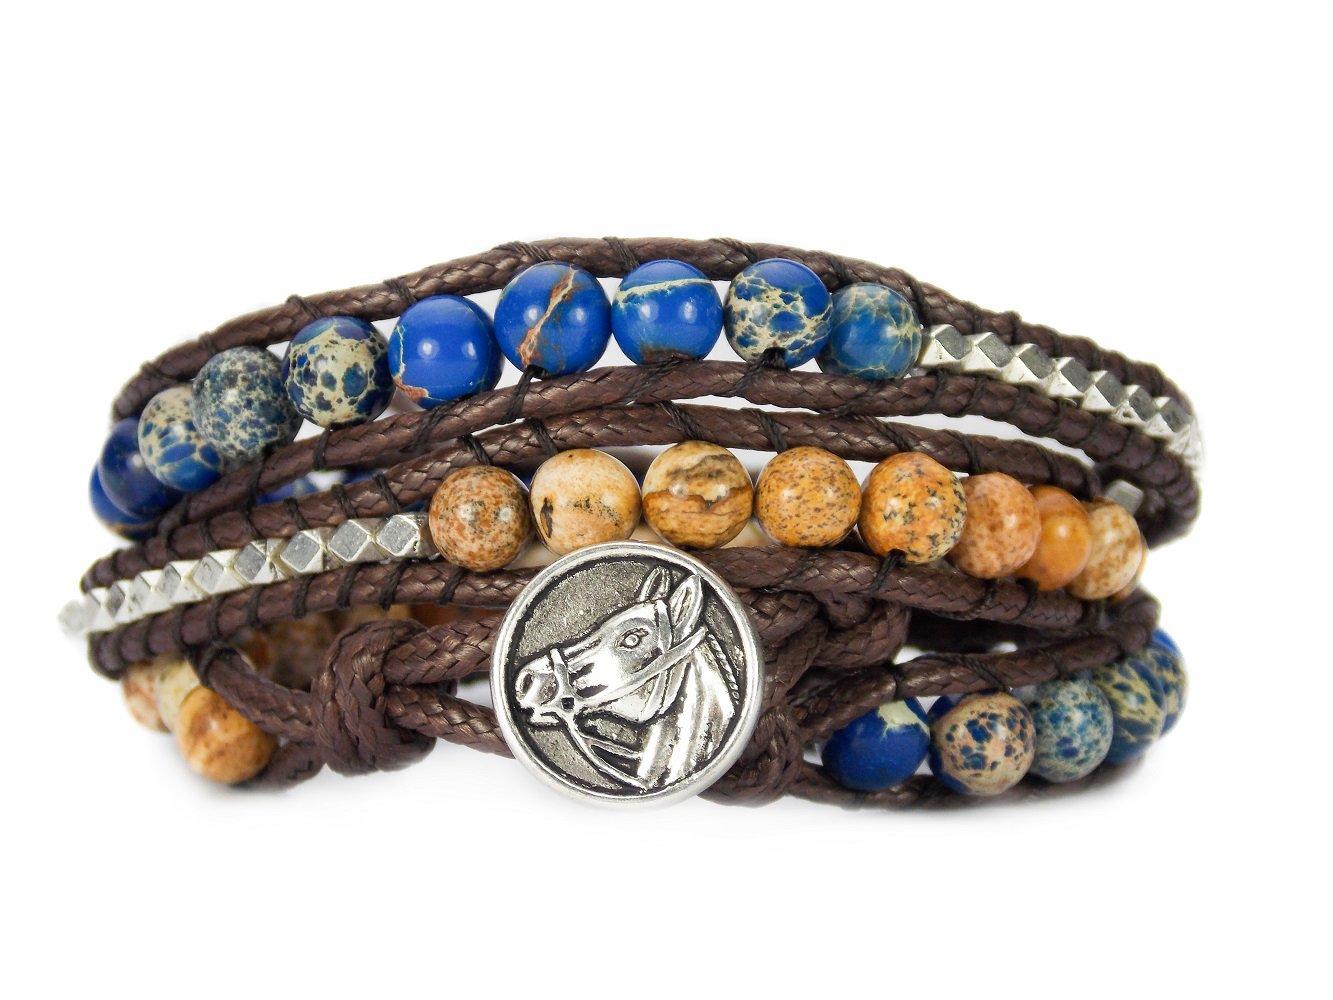 Horse Lovers Equestrian Bracelet Jasper Bead Wrap Carolyn Jane's Jewelry CJJ HLWRAP-0001